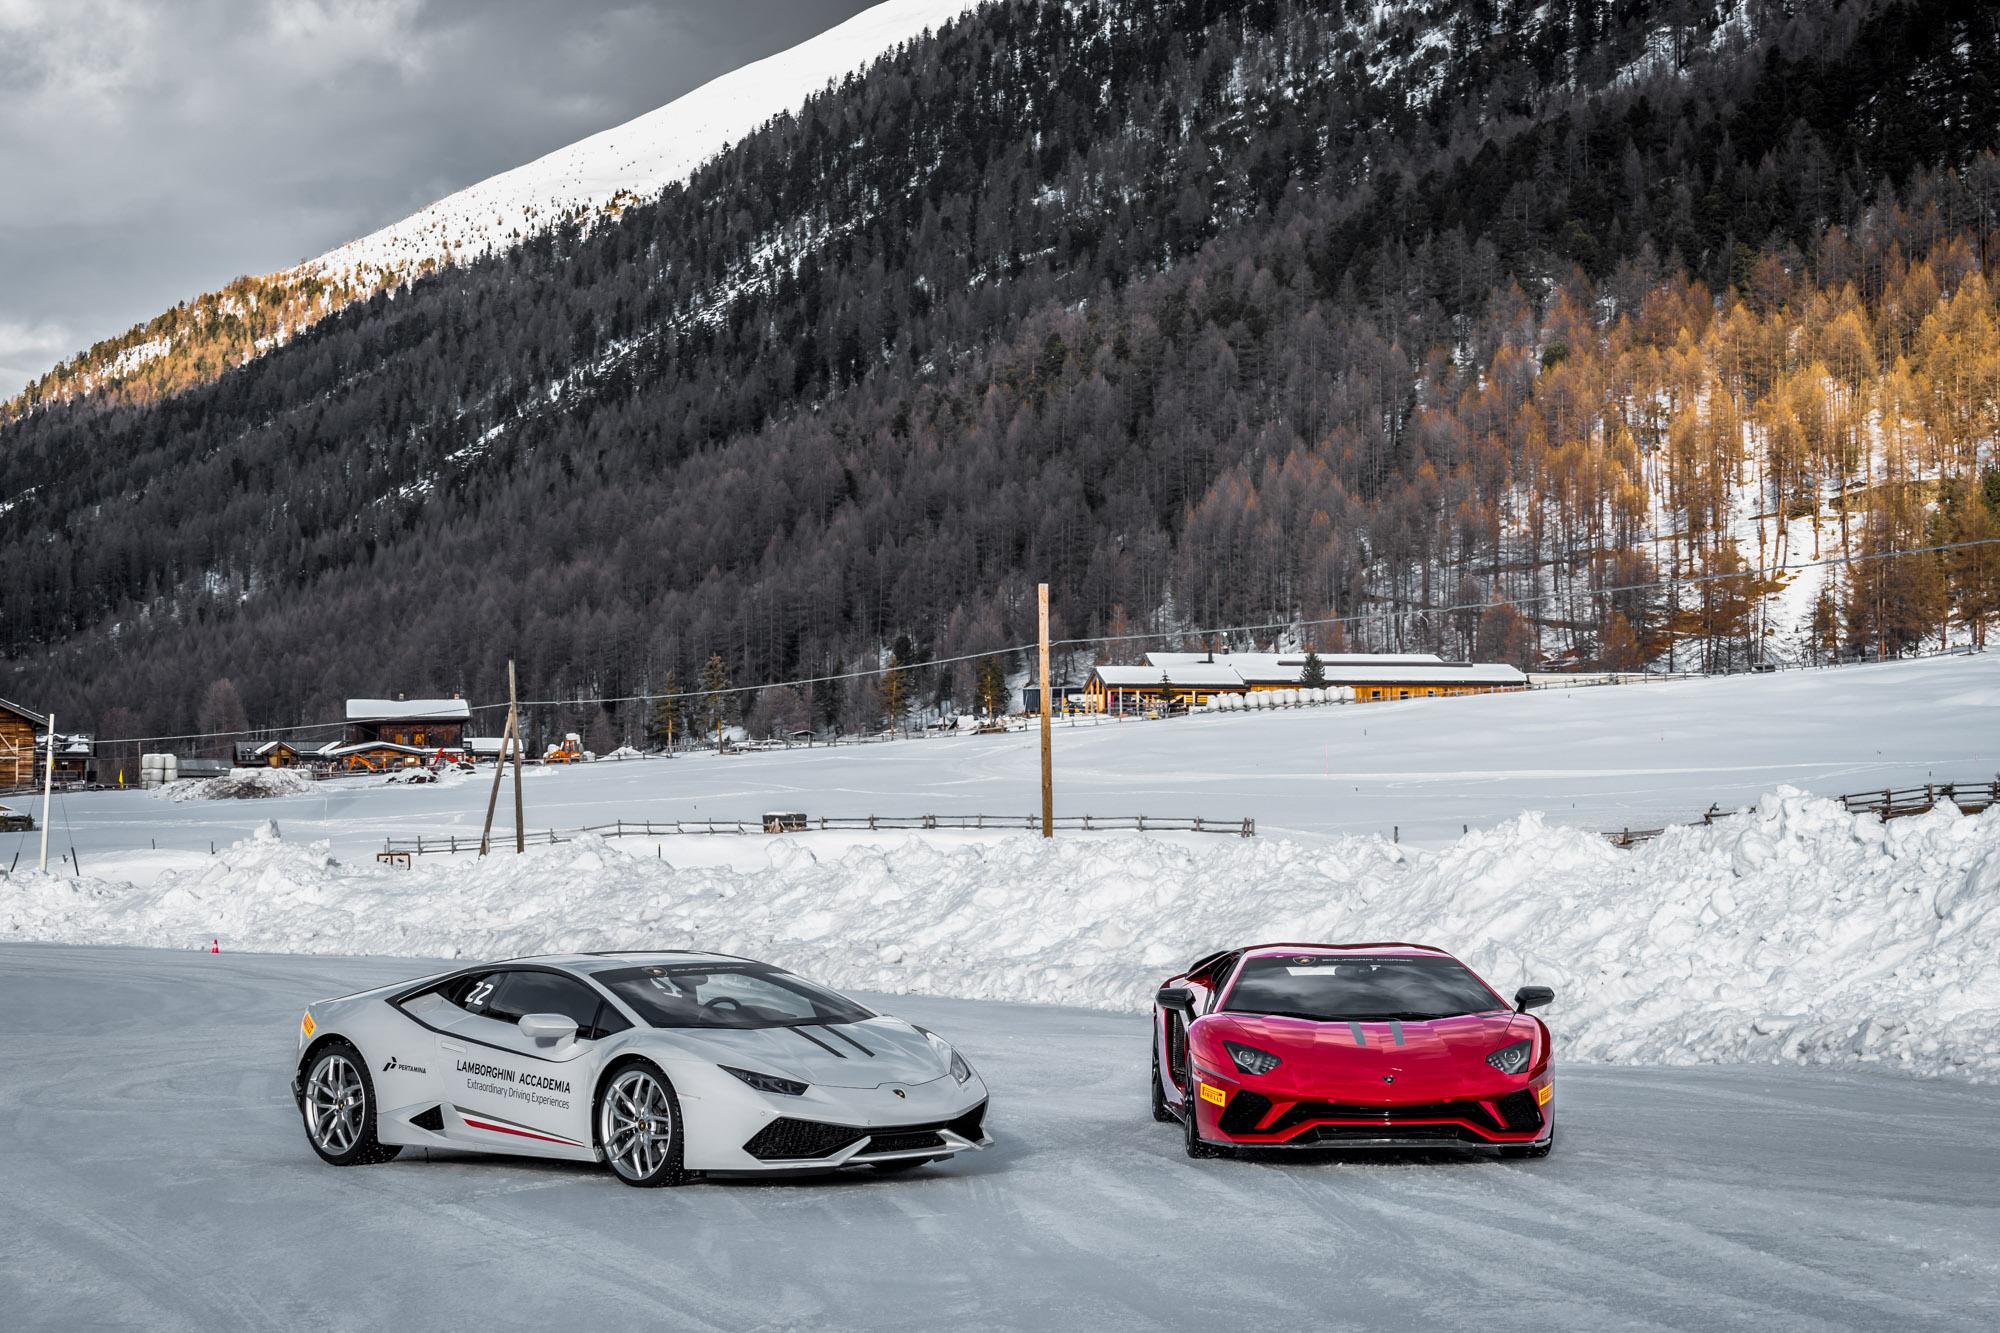 Lamborghini Winter Accademia 01